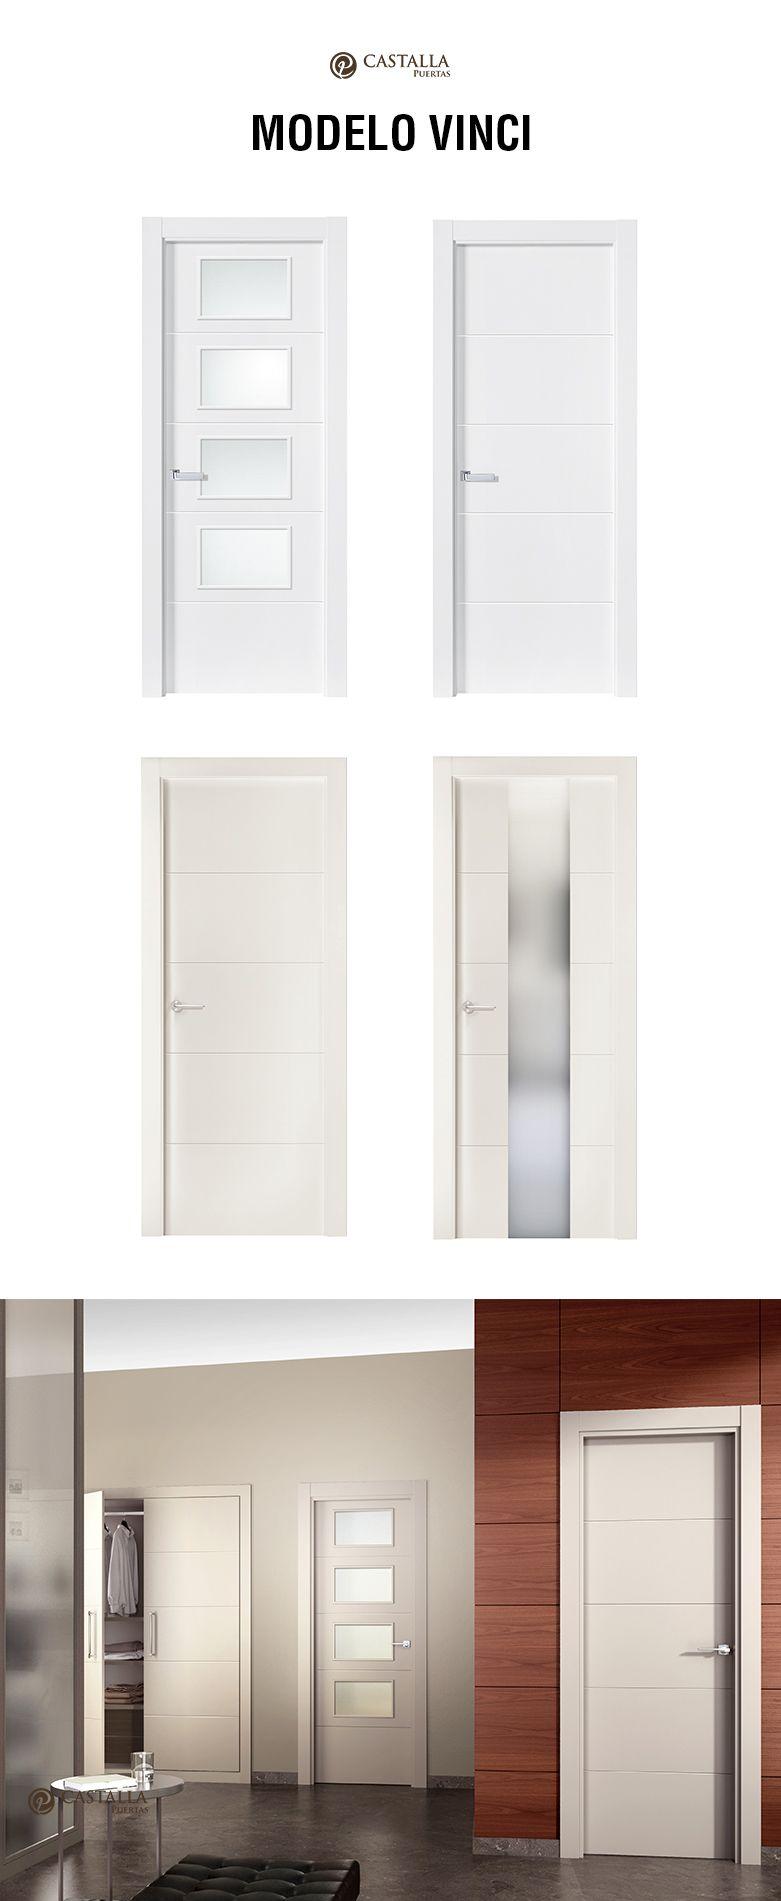 Puerta De Interior Con Cristal Modelo Vinci Puertas Castalla  ~ Cristales Para Puertas De Salon